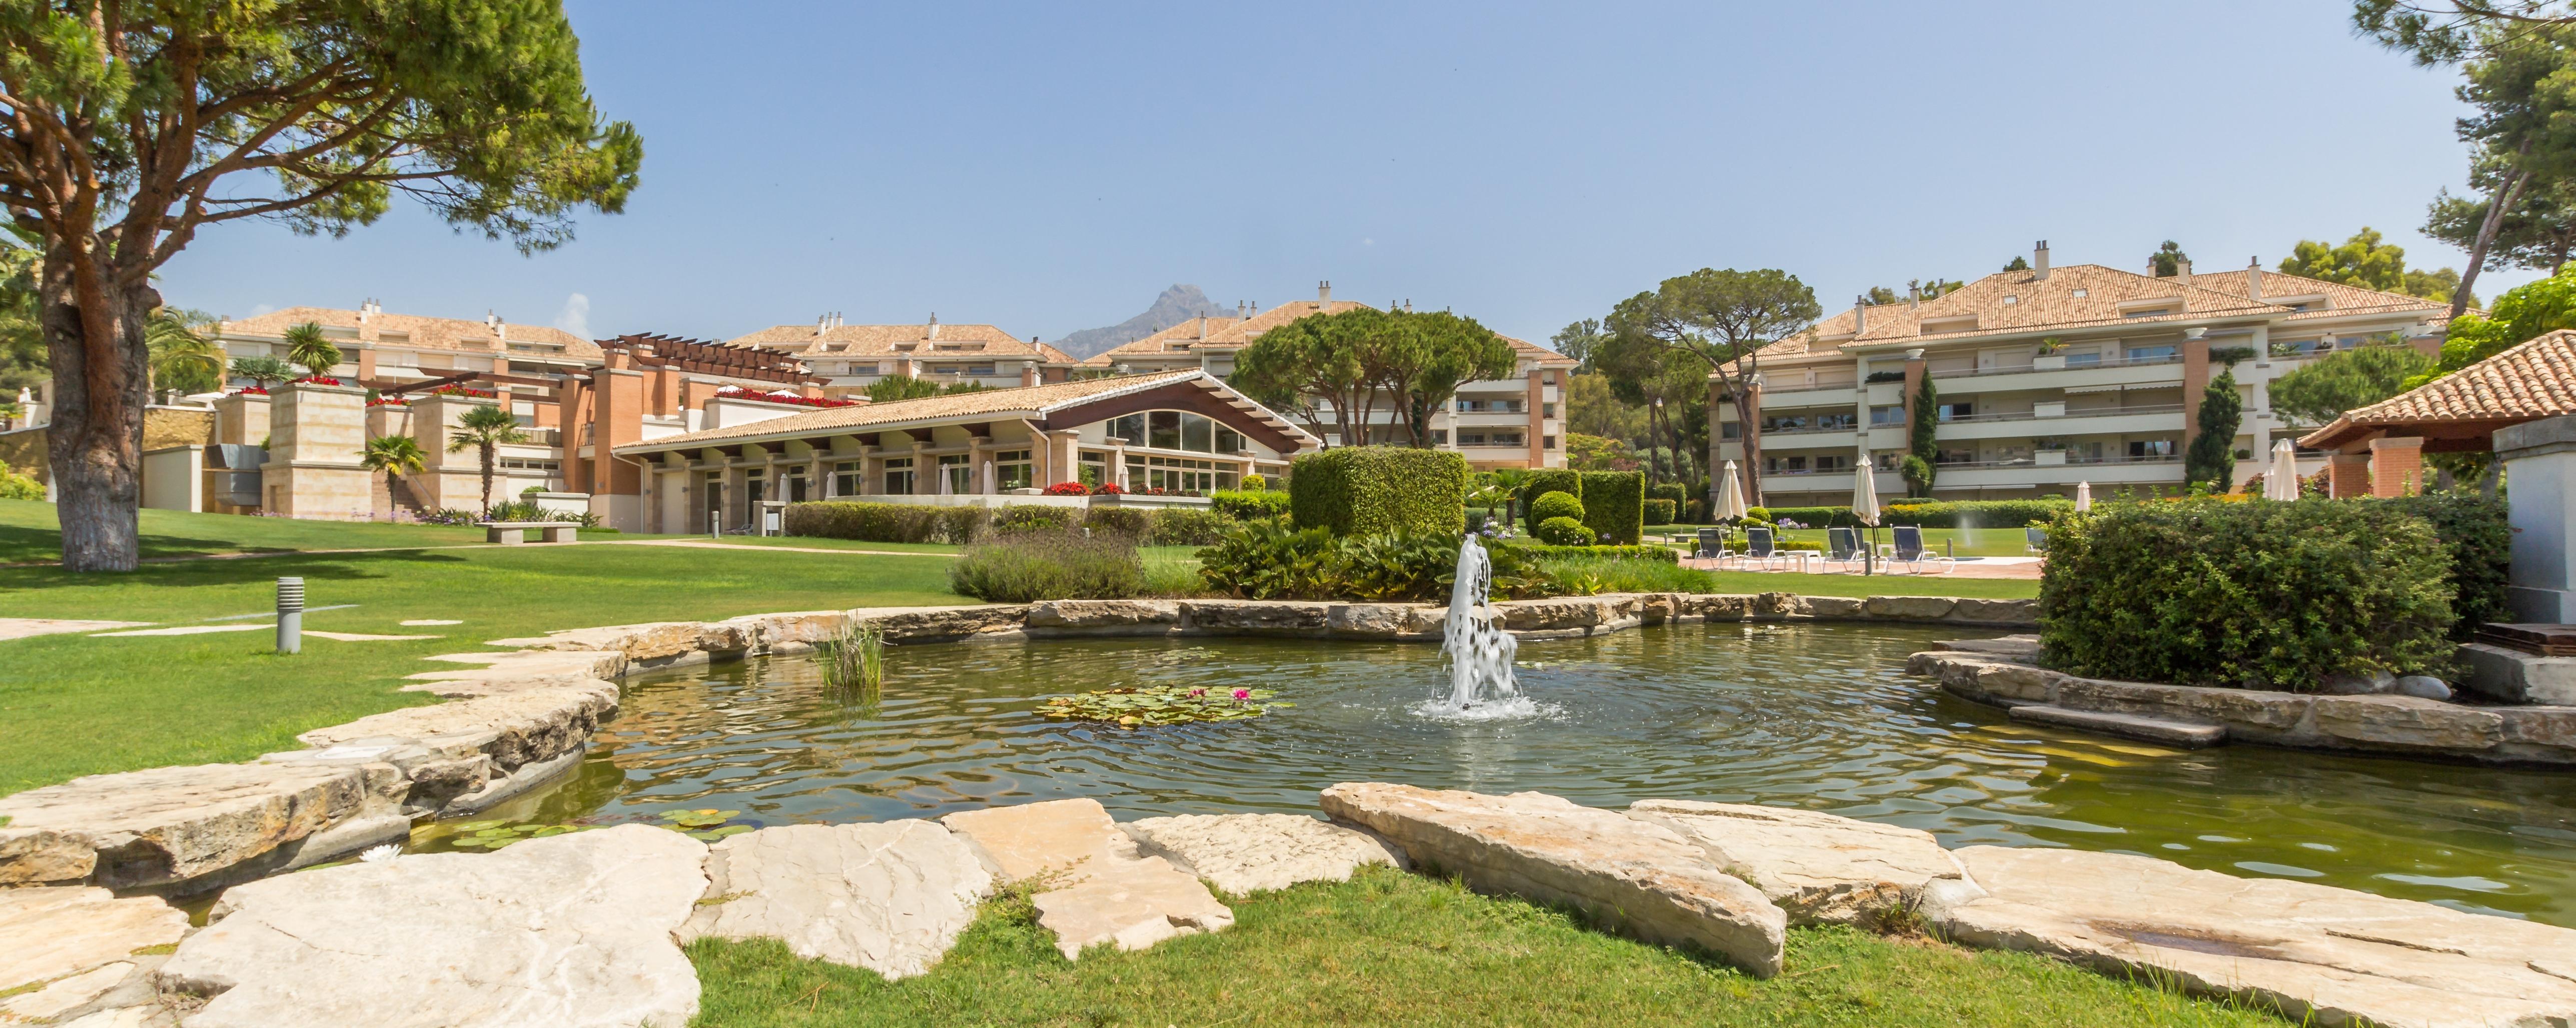 La Trinidad Marbella